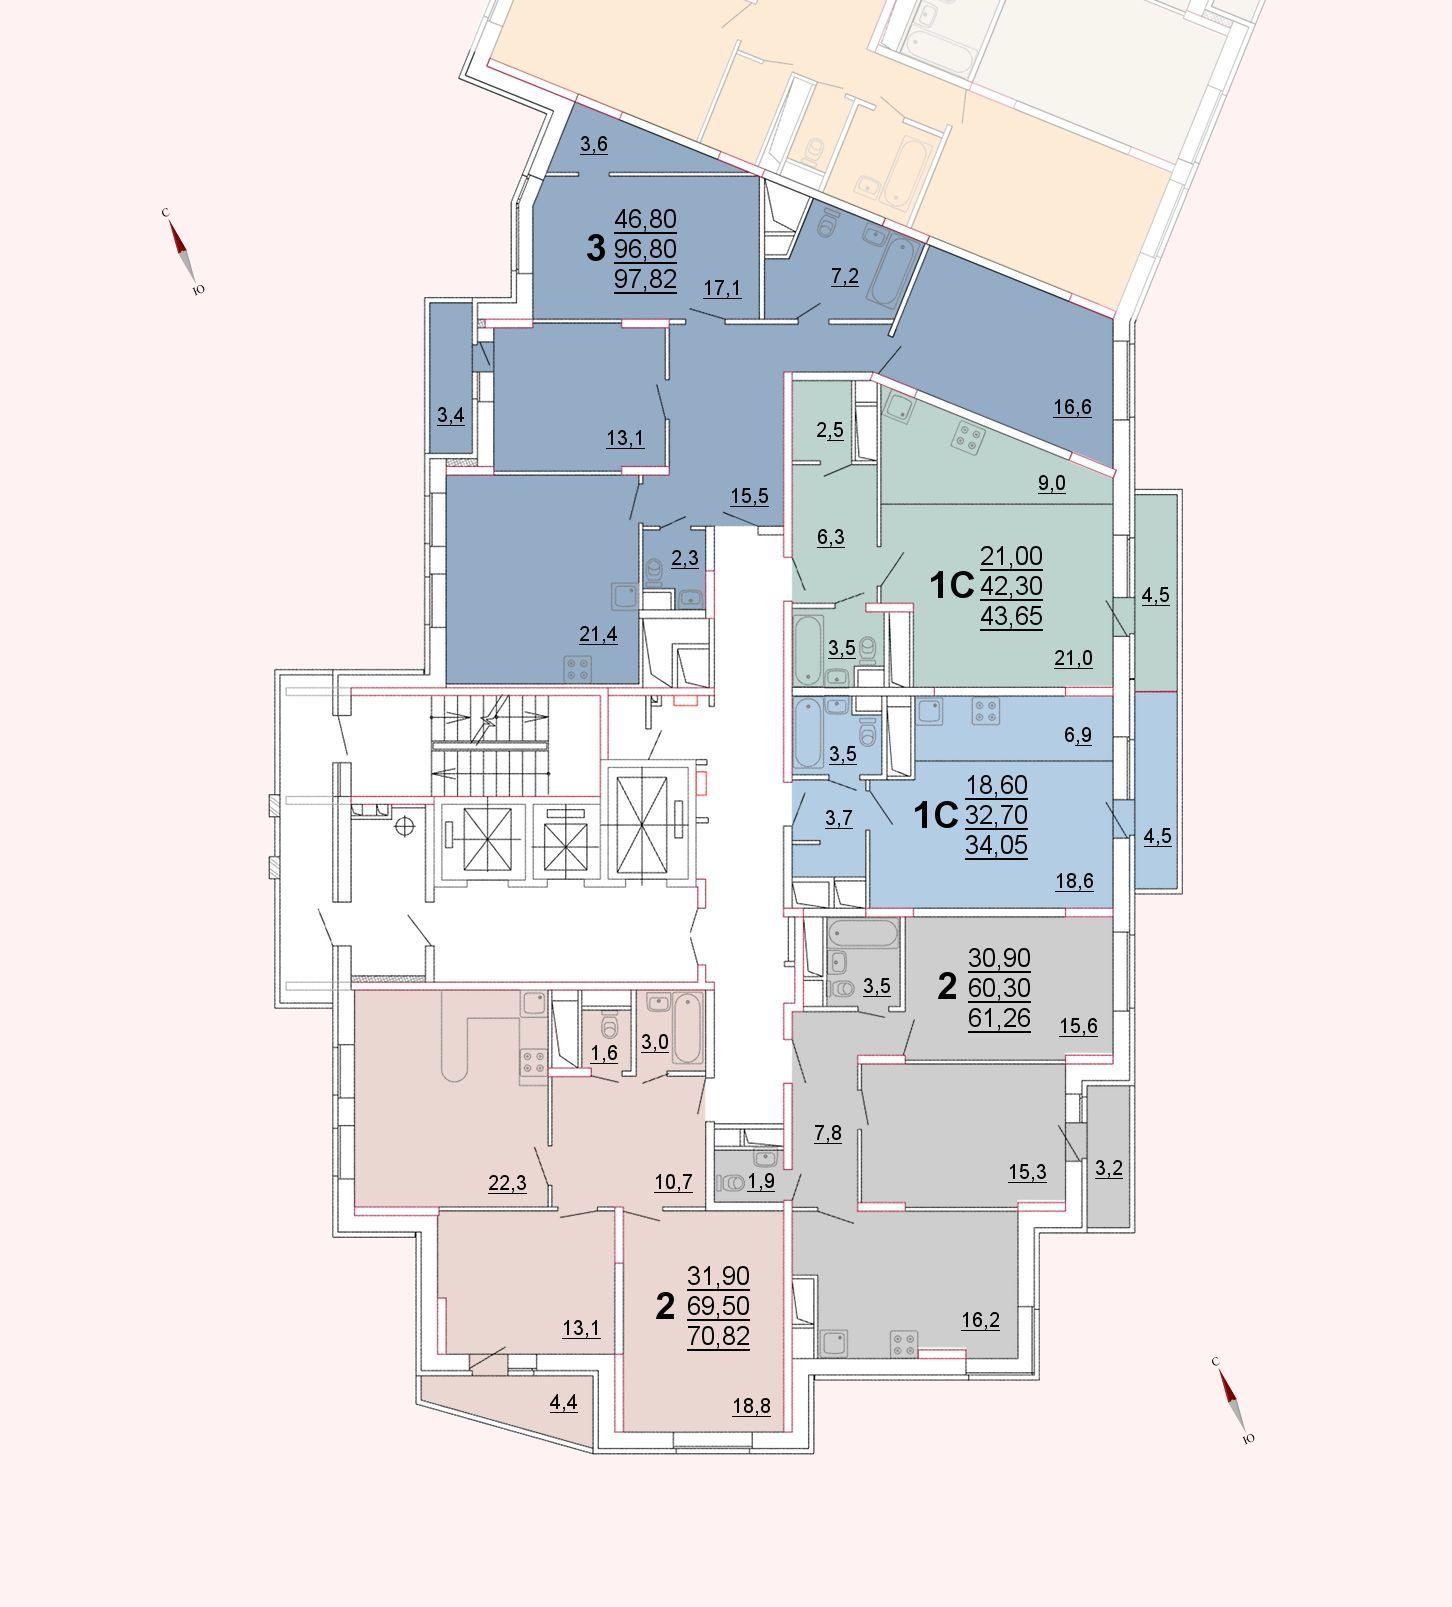 Микрорайон «Центральный», корпус 52а, секция 1, этажи 14-17